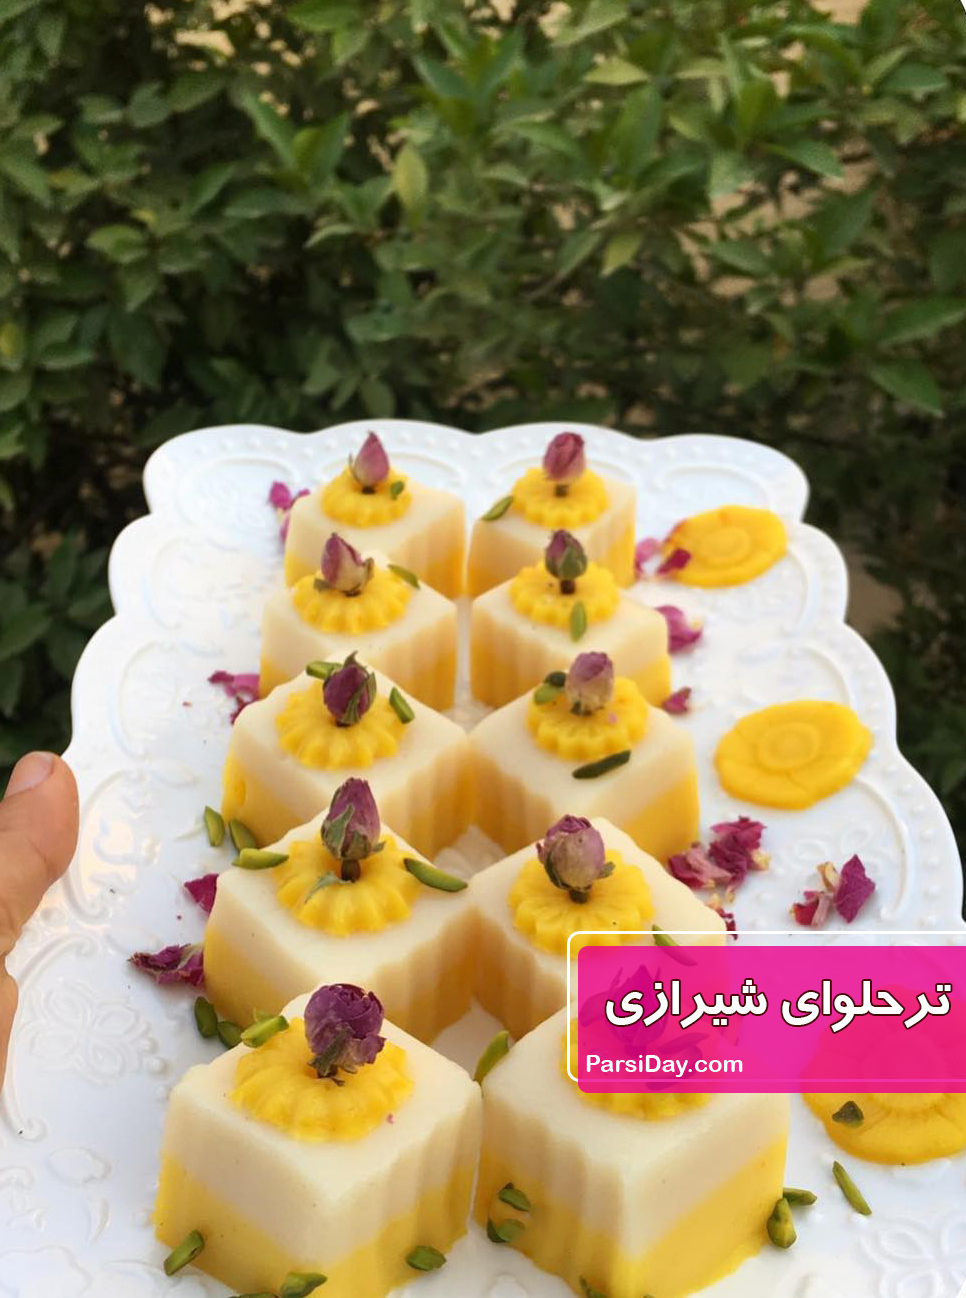 طرز تهیه ترحلوای شیرازی خوشمزه و مجلسی مرحله به مرحله